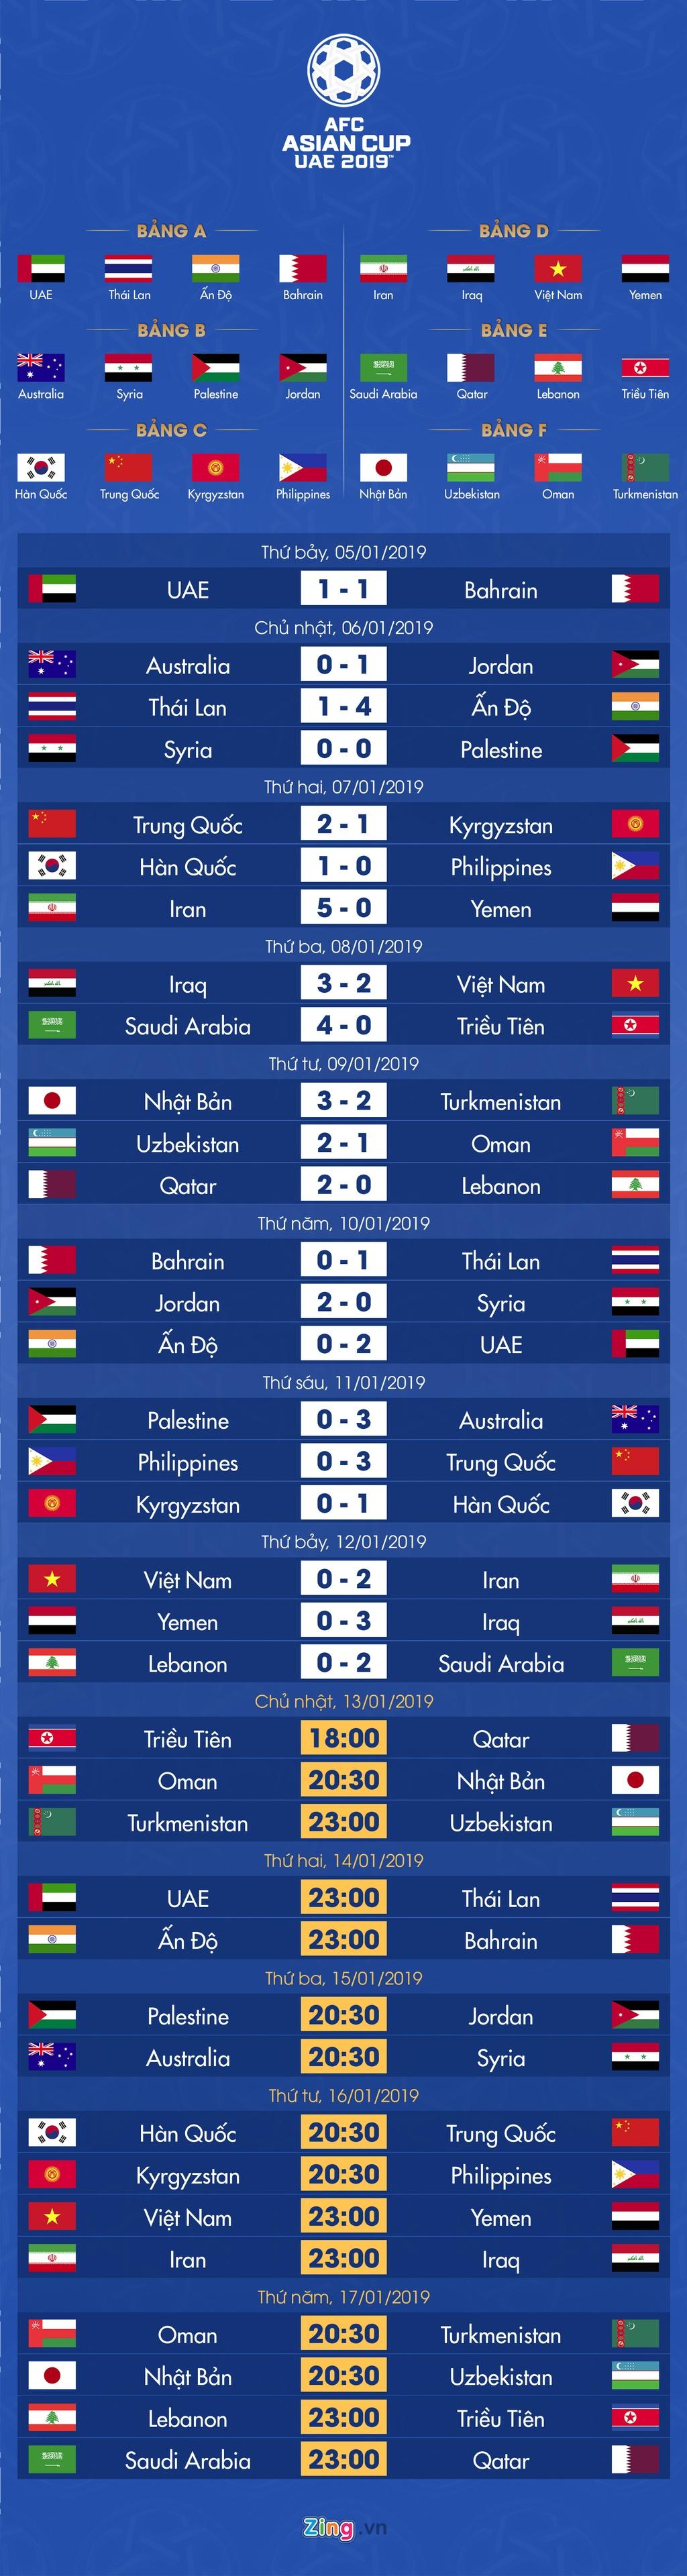 Lich thi dau va bang xep hang Asian Cup 2019 ngay 13/1 hinh anh 1